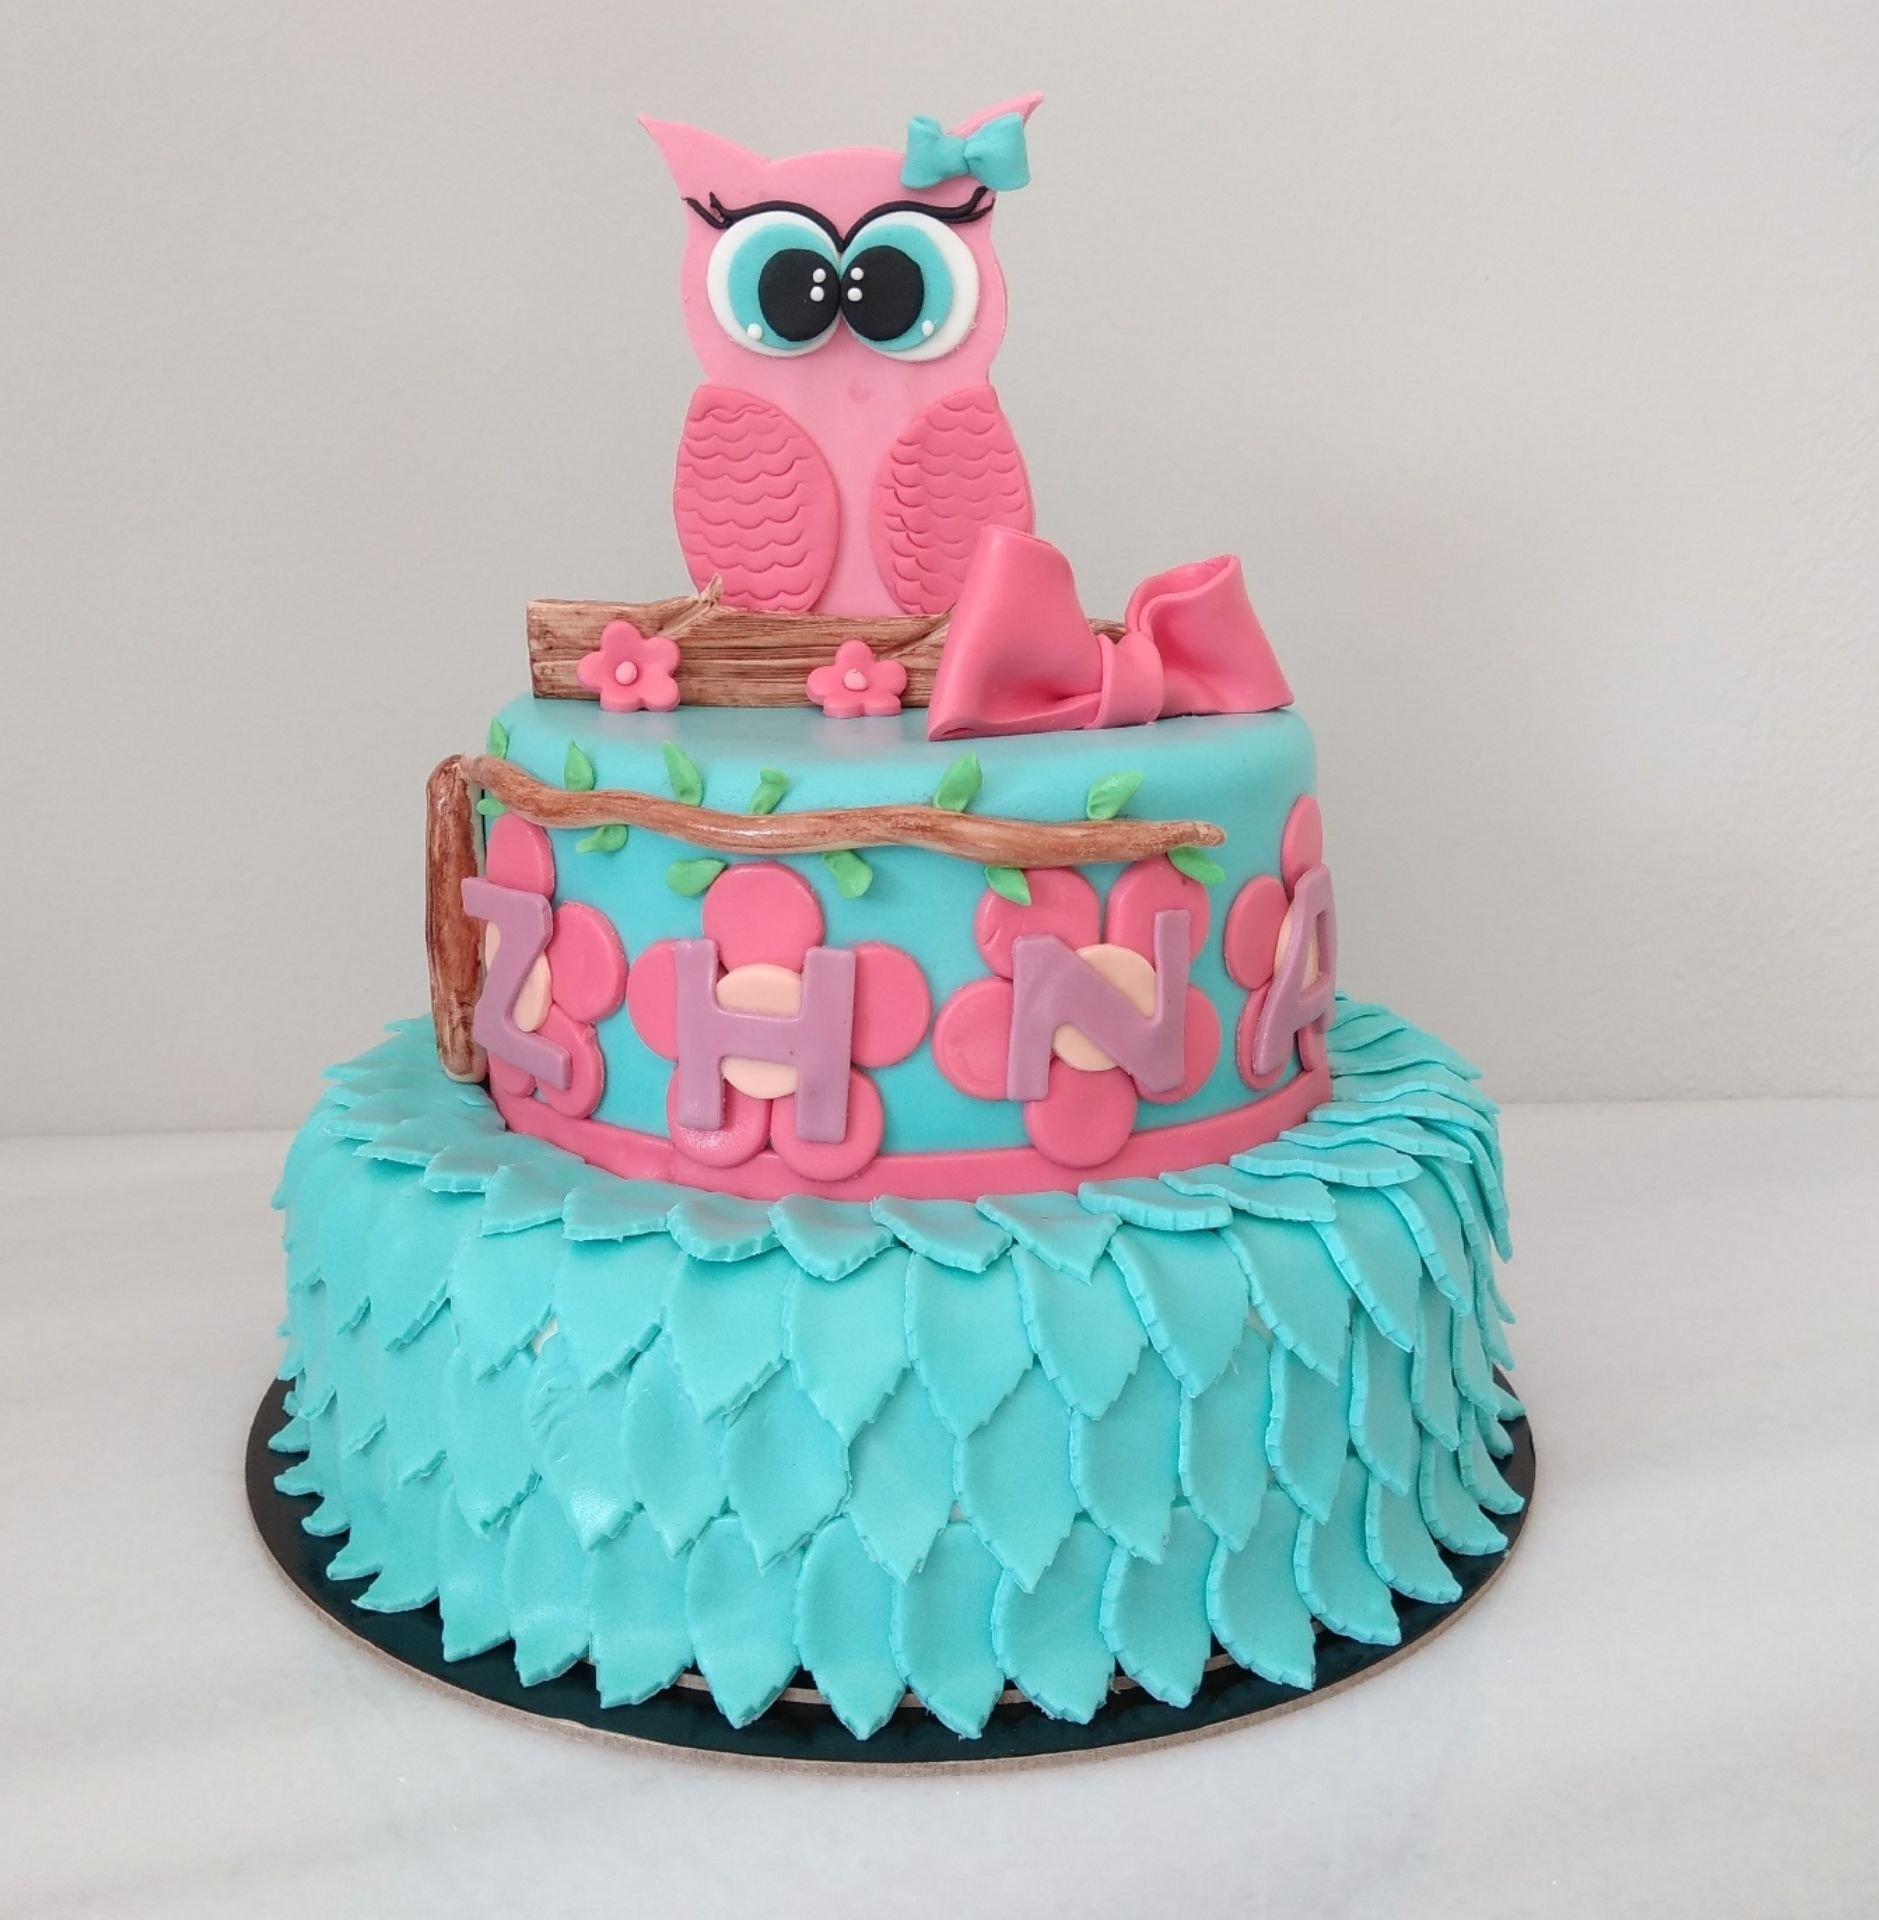 τούρτα απο ζαχαρόπαστα κουκουβάγια ζαχαροπλαστείο καλαμάτα madame charlotte, birthday cakes 2d 3d confectionery patisserie kalamata